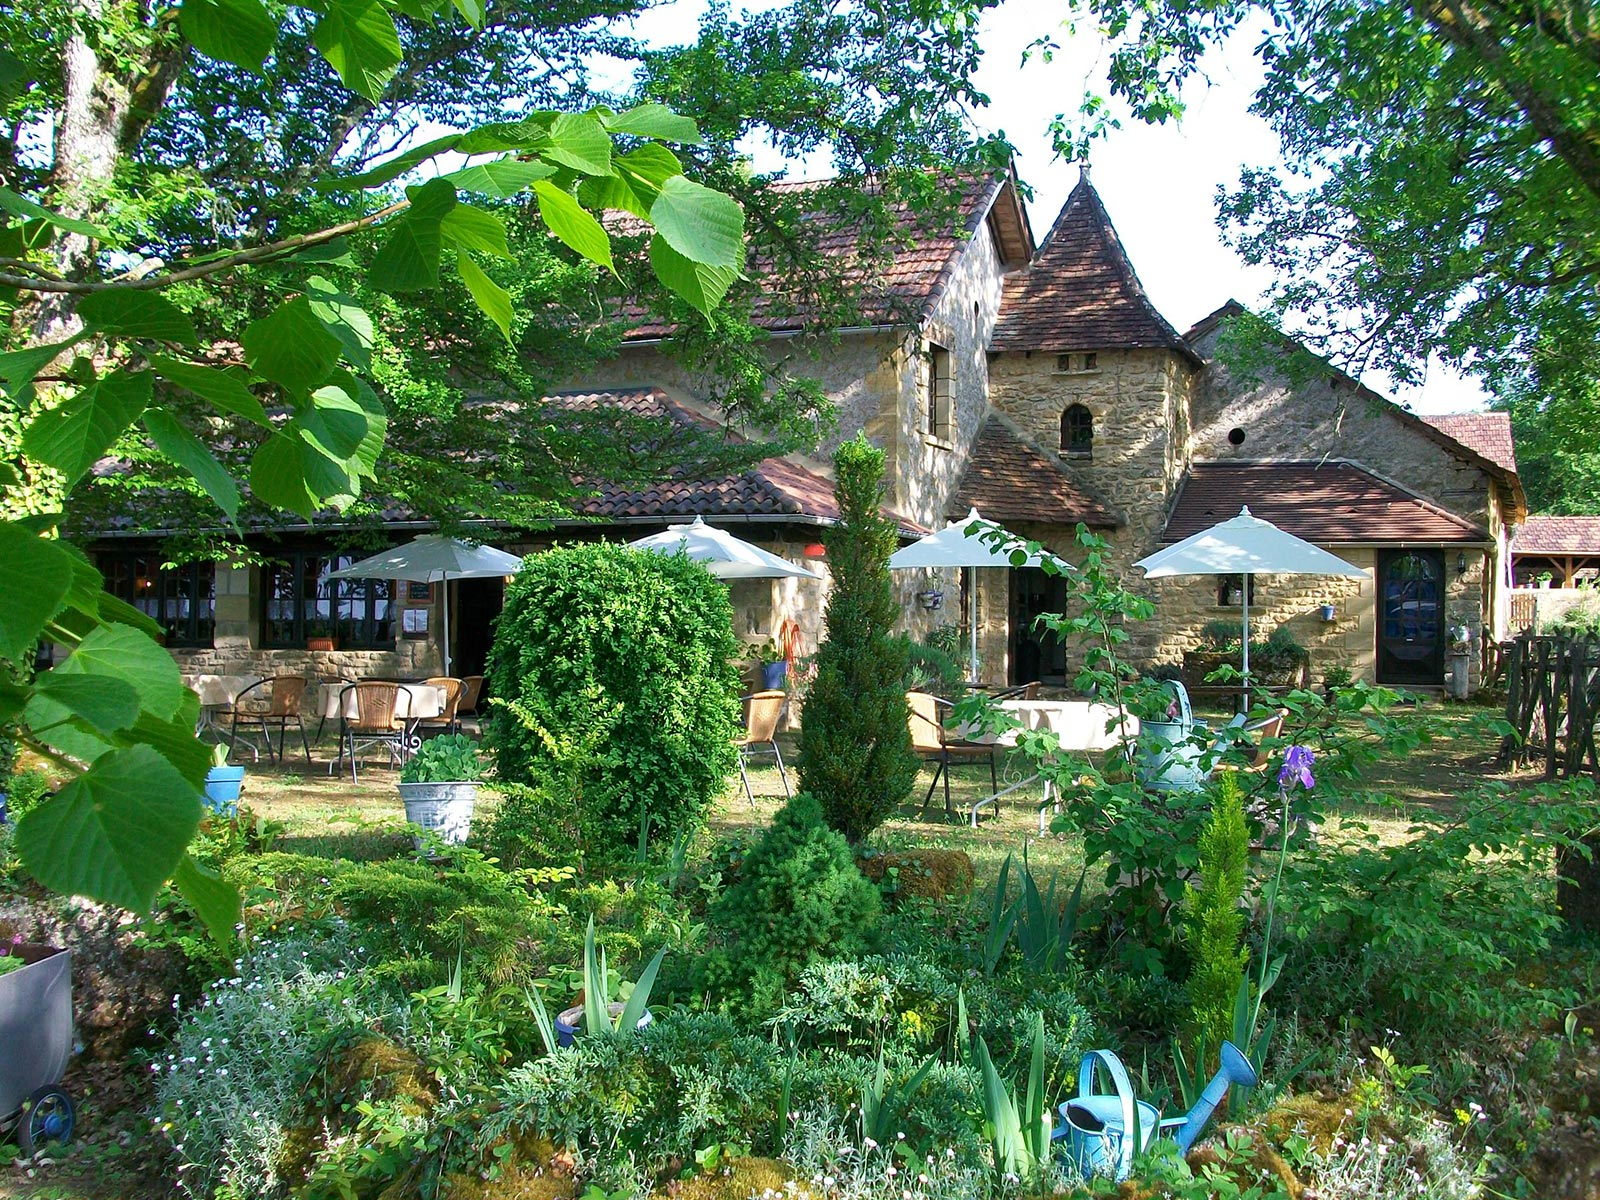 Une auberge-hôtel au cœur de la nature